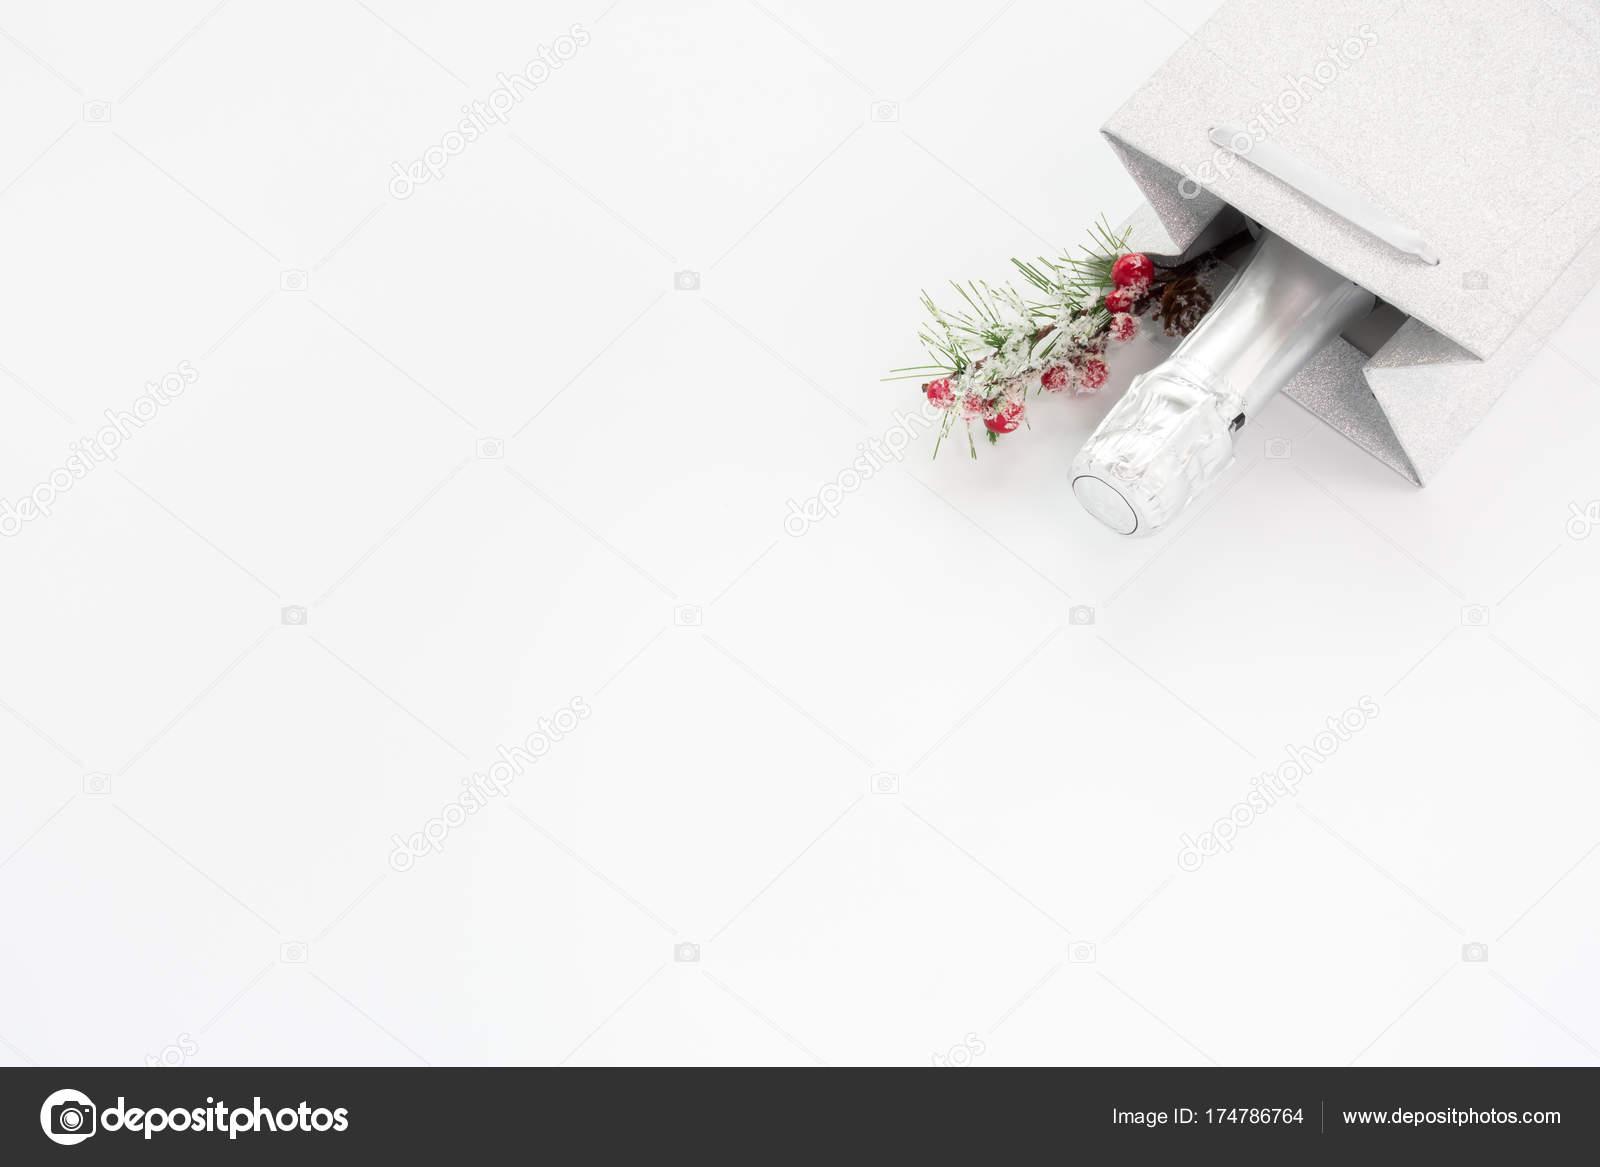 3fd4c9f46ef3 Az ezüst csillogó ajándékcsomagot díszítéssel, fehér háttér-a másol hely  üveg pezsgő — Fotó szerzőtől ...